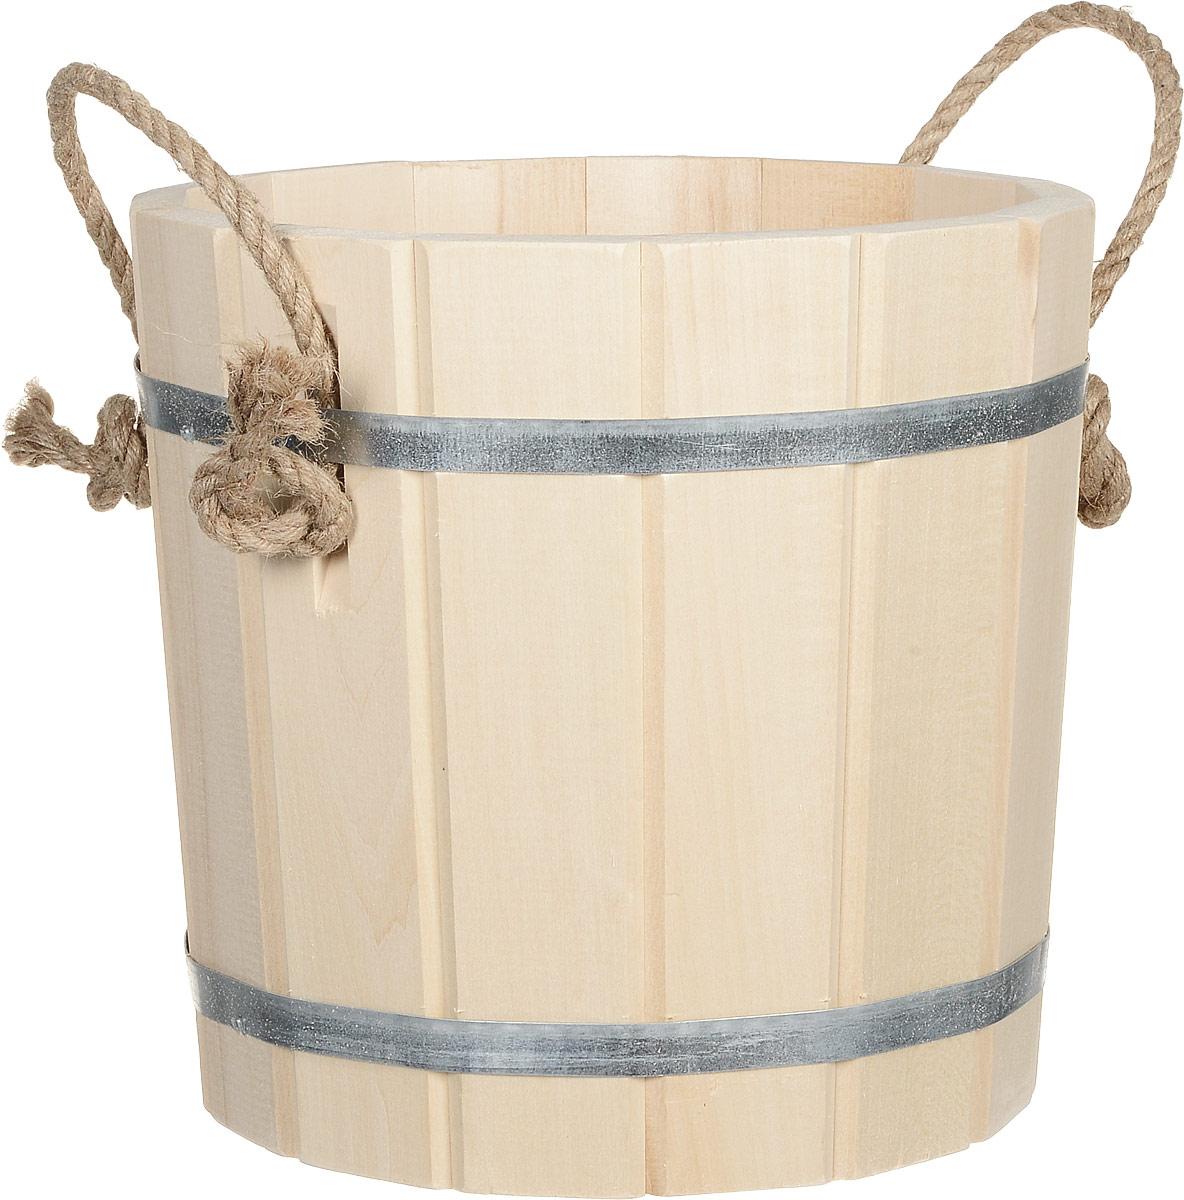 Запарник Банные штучки, 8 л. 36043604_новый дизайн/03604Запарник Банные штучки, изготовленный из древесины липы, доставит вам настоящее удовольствие от банной процедуры. При запаривании веник обретает свою природную силу и сохраняет полезные свойства. Корпус запарника состоит из металлических обручей, стянутых клепками. Для более удобного использования запарник имеет по бокам две небольшие ручки. Интересная штука - баня. Место, где одинаково хорошо и в компании, и в одиночестве. Перекресток, казалось бы, разных направлений - общение и здоровье. Приятное и полезное. И всегда в позитиве. Высота запарника (без учета ручек): 26 см. Диаметр запарника по верхнему краю: 28 см